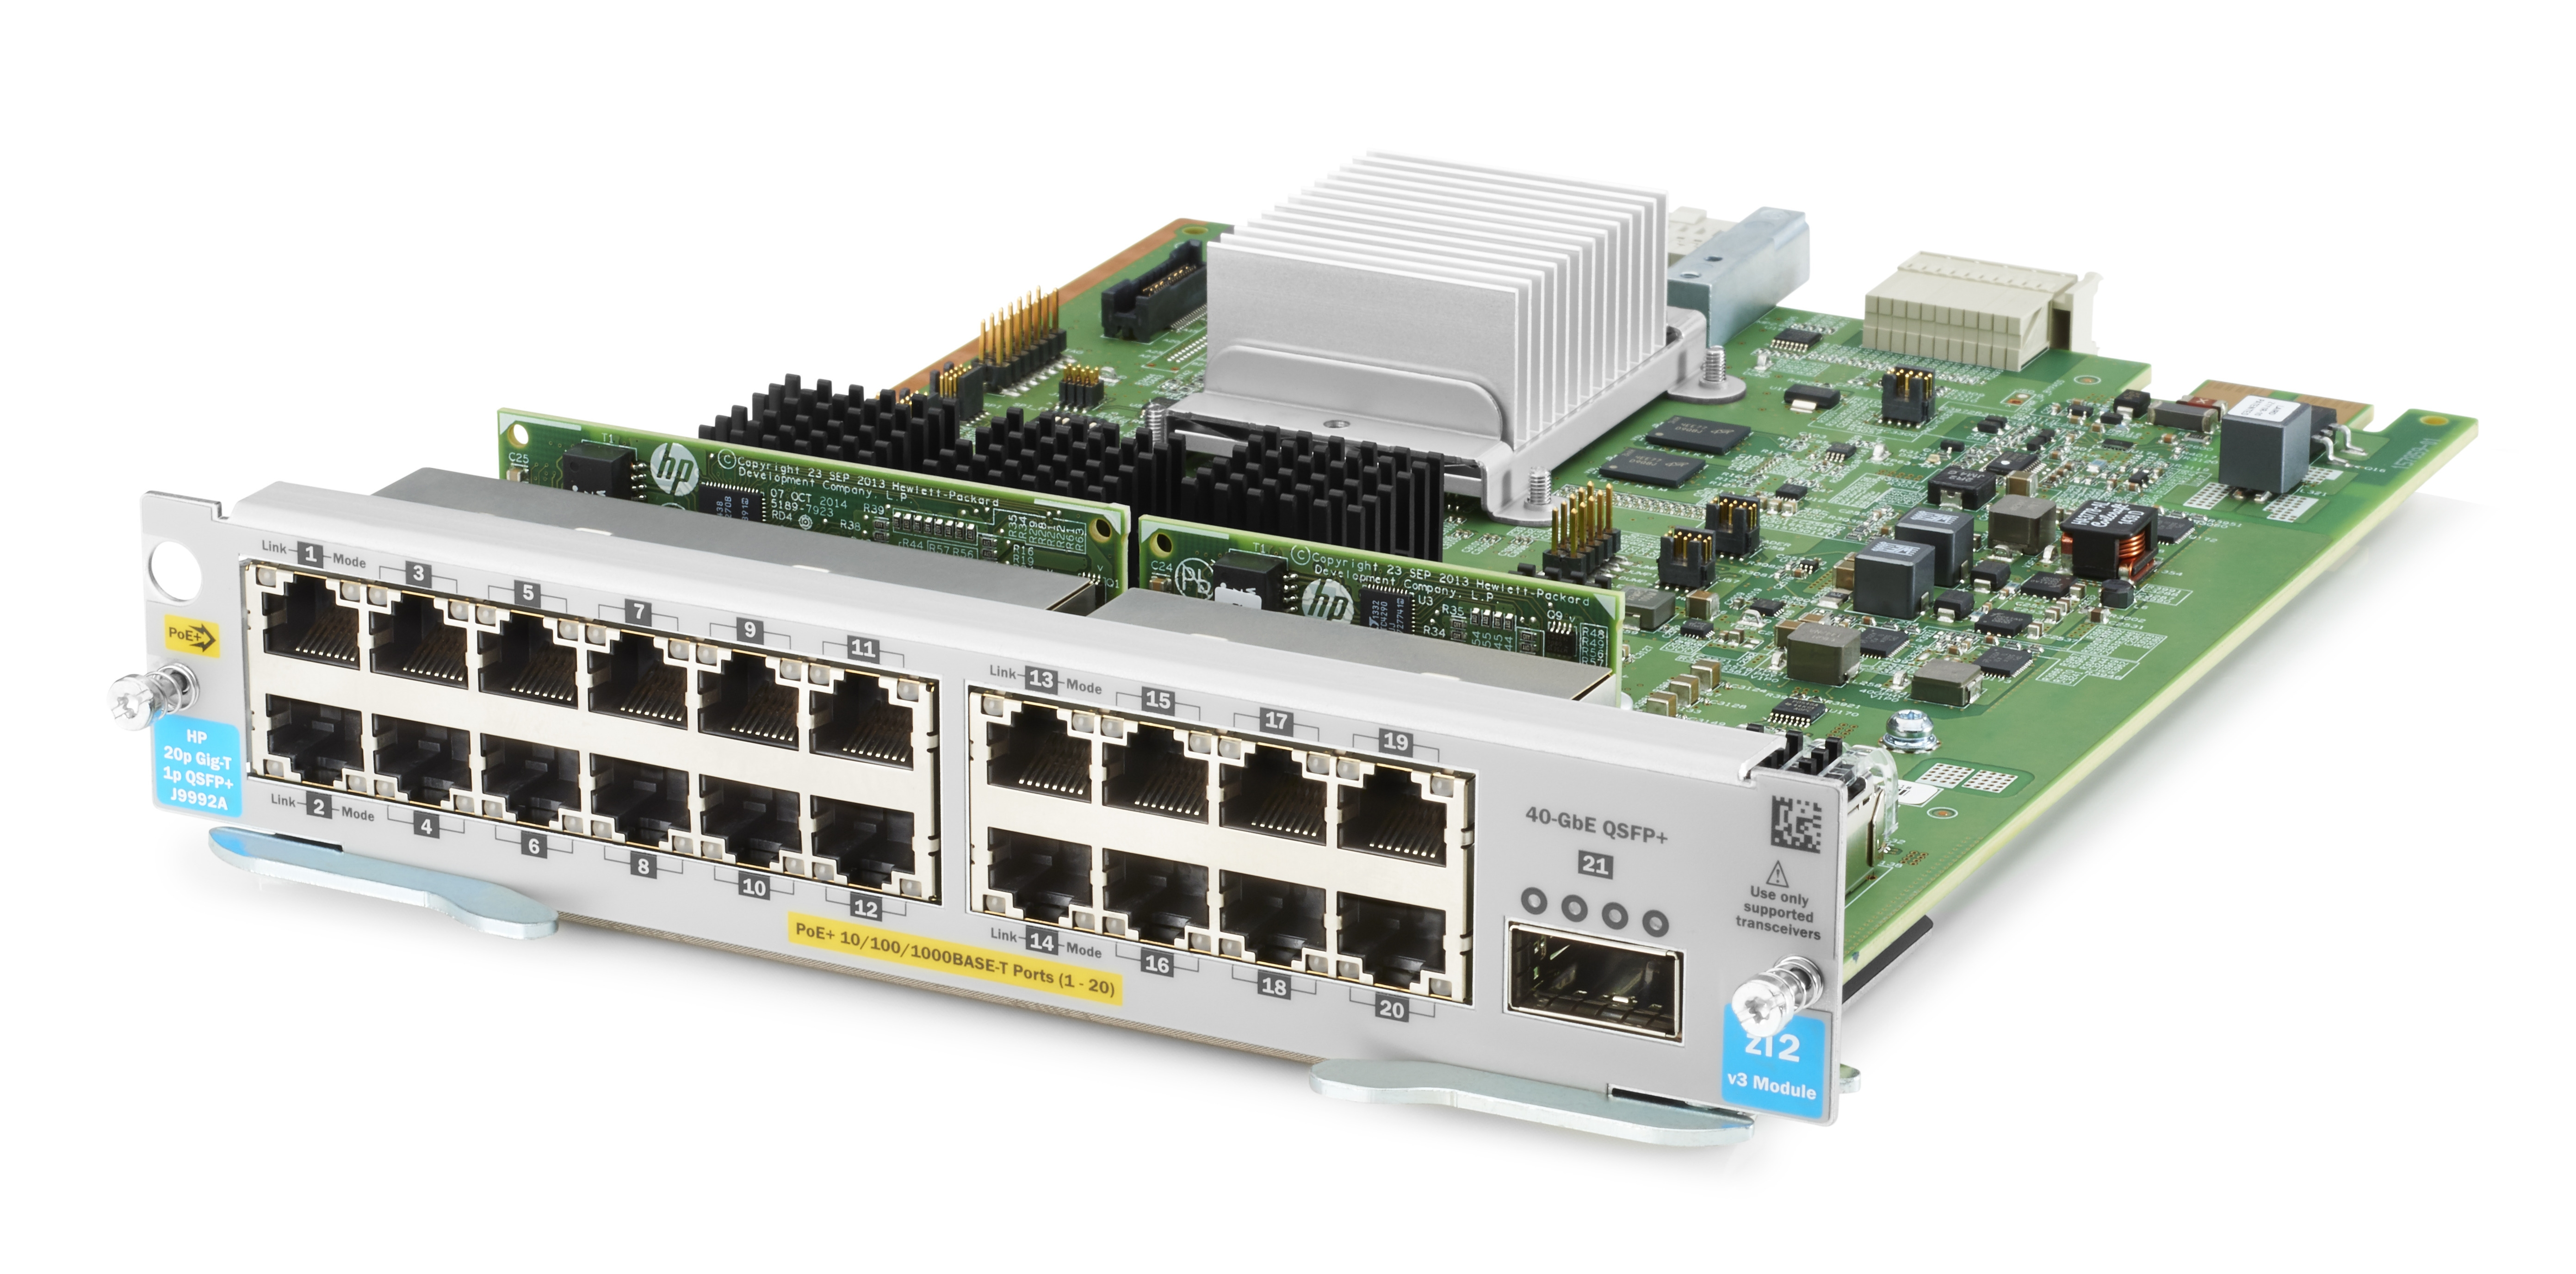 Hewlett Packard Enterprise Hpe - Expansion Module - Gigabit Ethernet (poe+) X 20 + 40 Gigabit Qsfp+ X 1 - For Hpe Aruba 5406r  5406r 16  5406r 44  5406r 8-port  5406r Zl2  5412r  5412r 92  5412r Zl2 J9992a - xep01